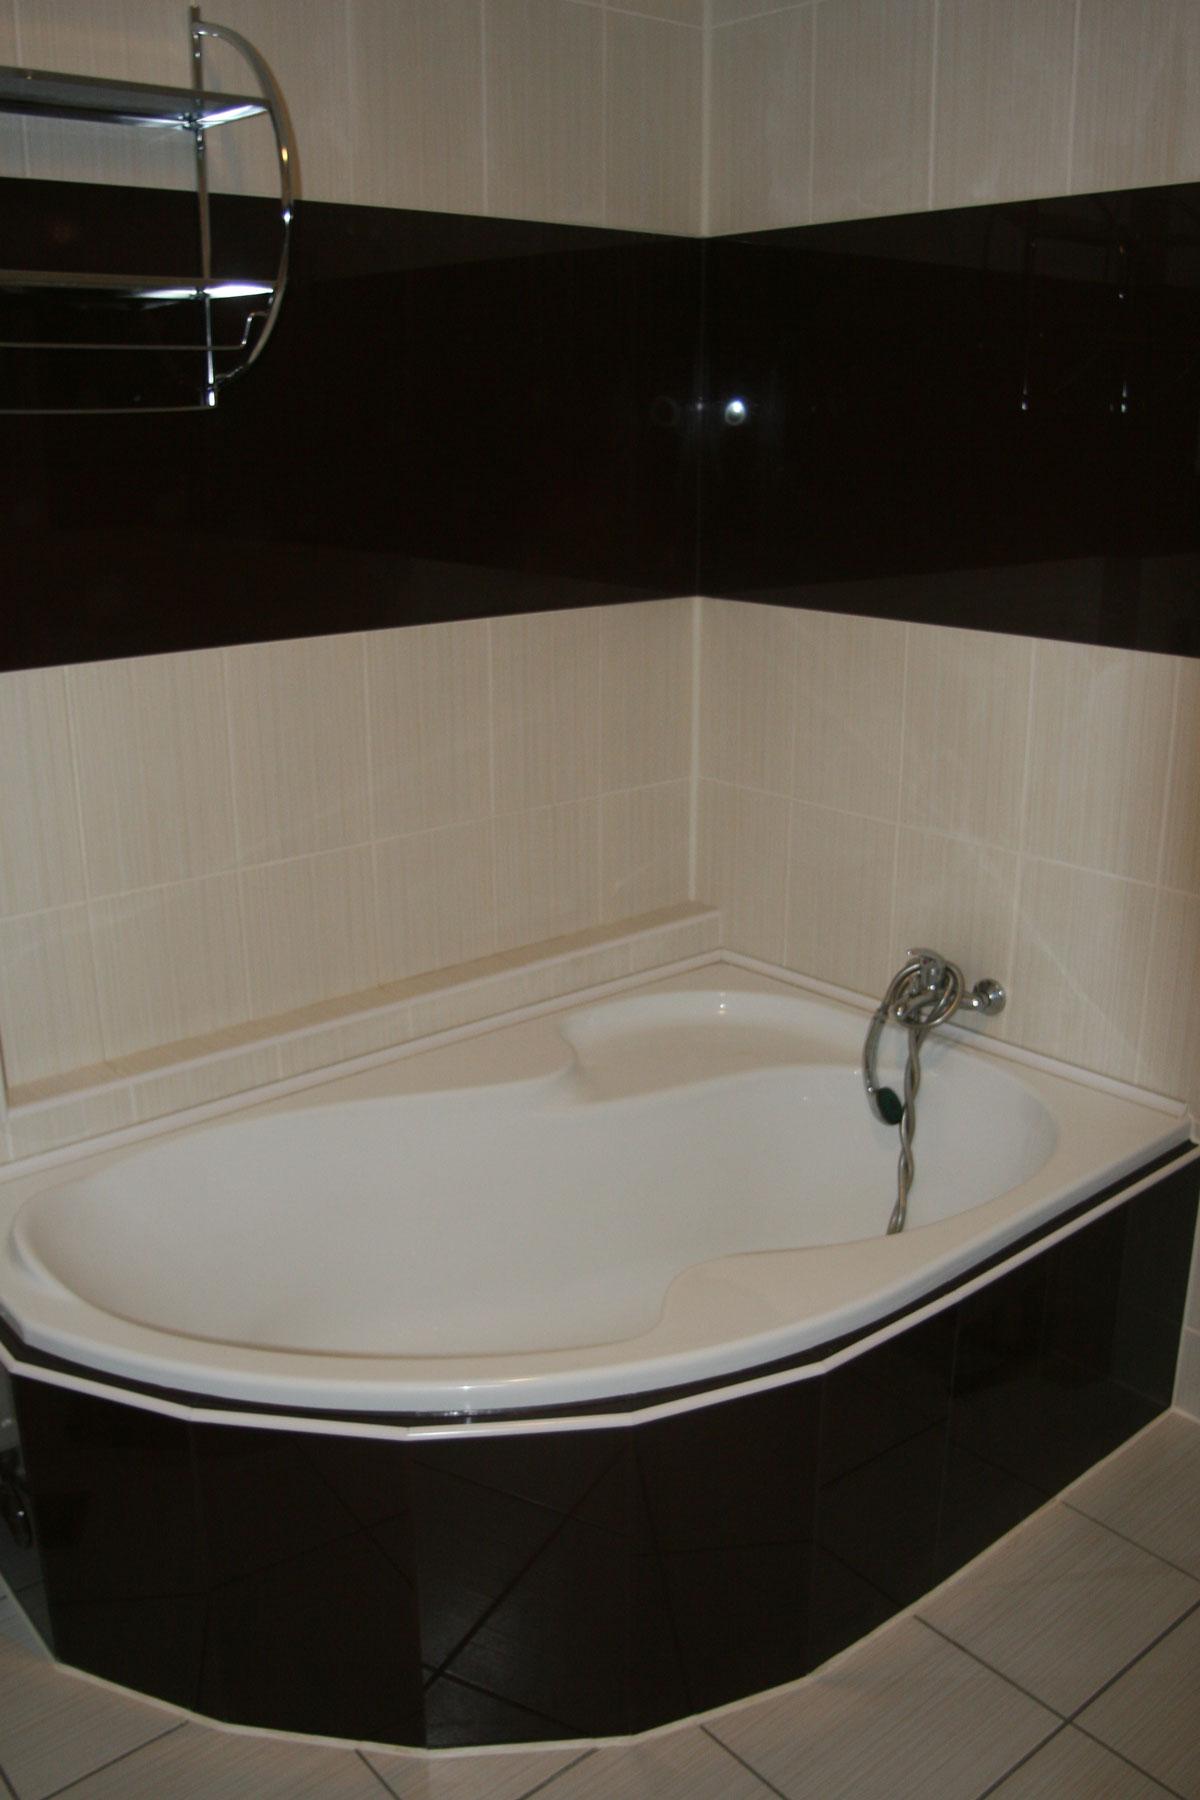 Sklenarstvi-Prerost-obklad-koupelny-zachodky (5)